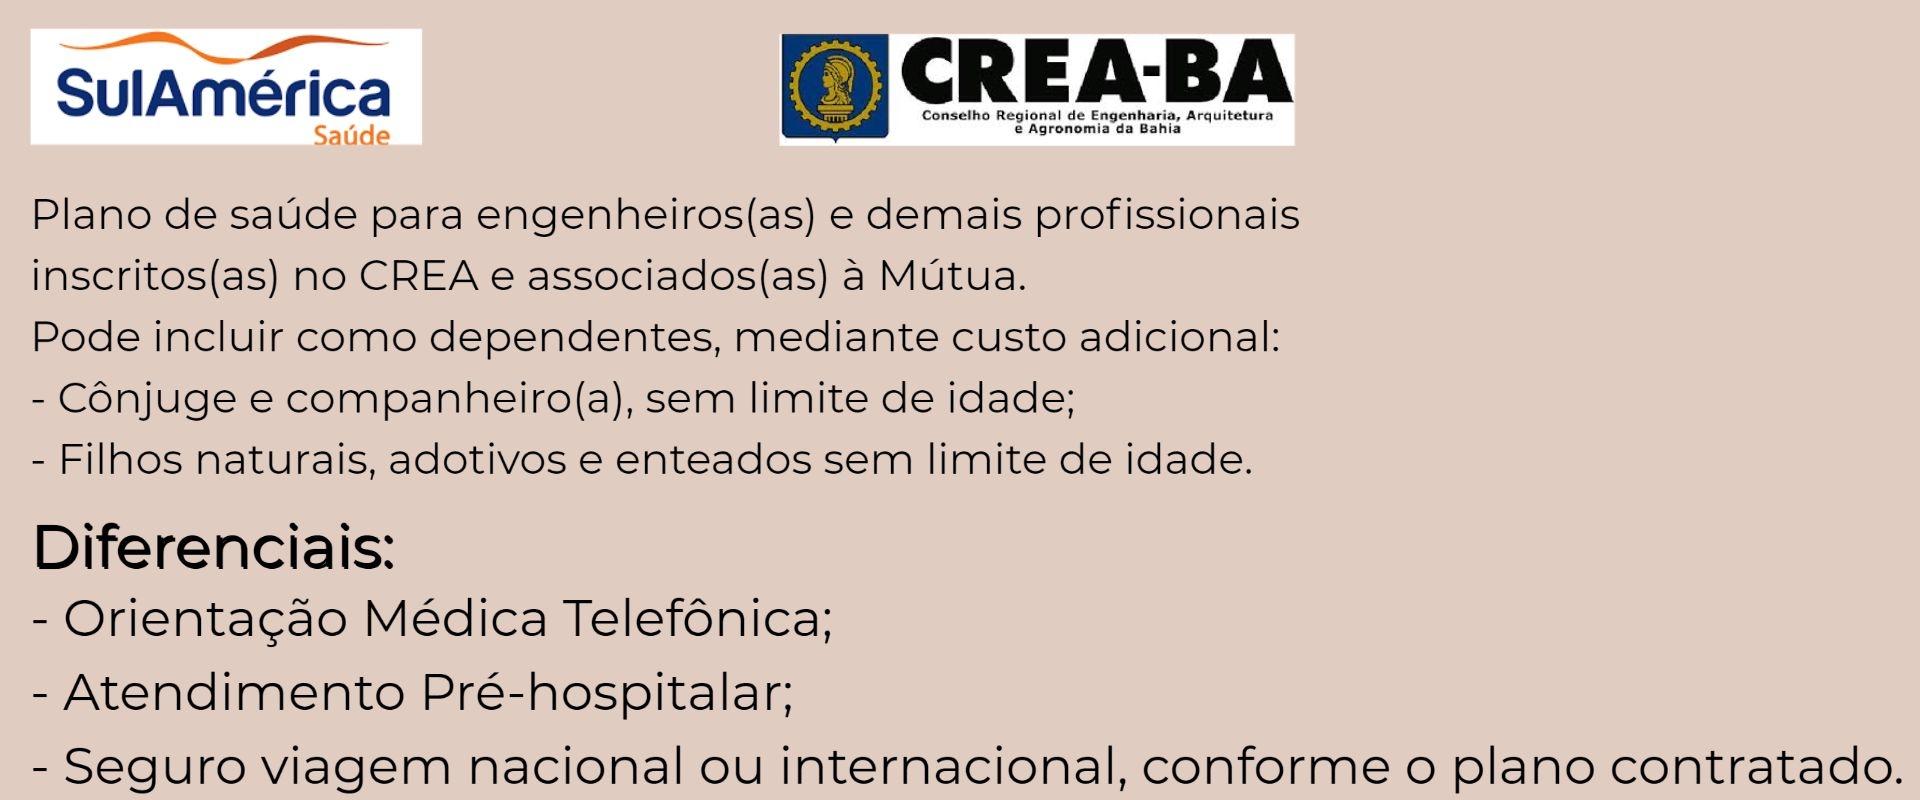 Sul América Saúde CREA-BA